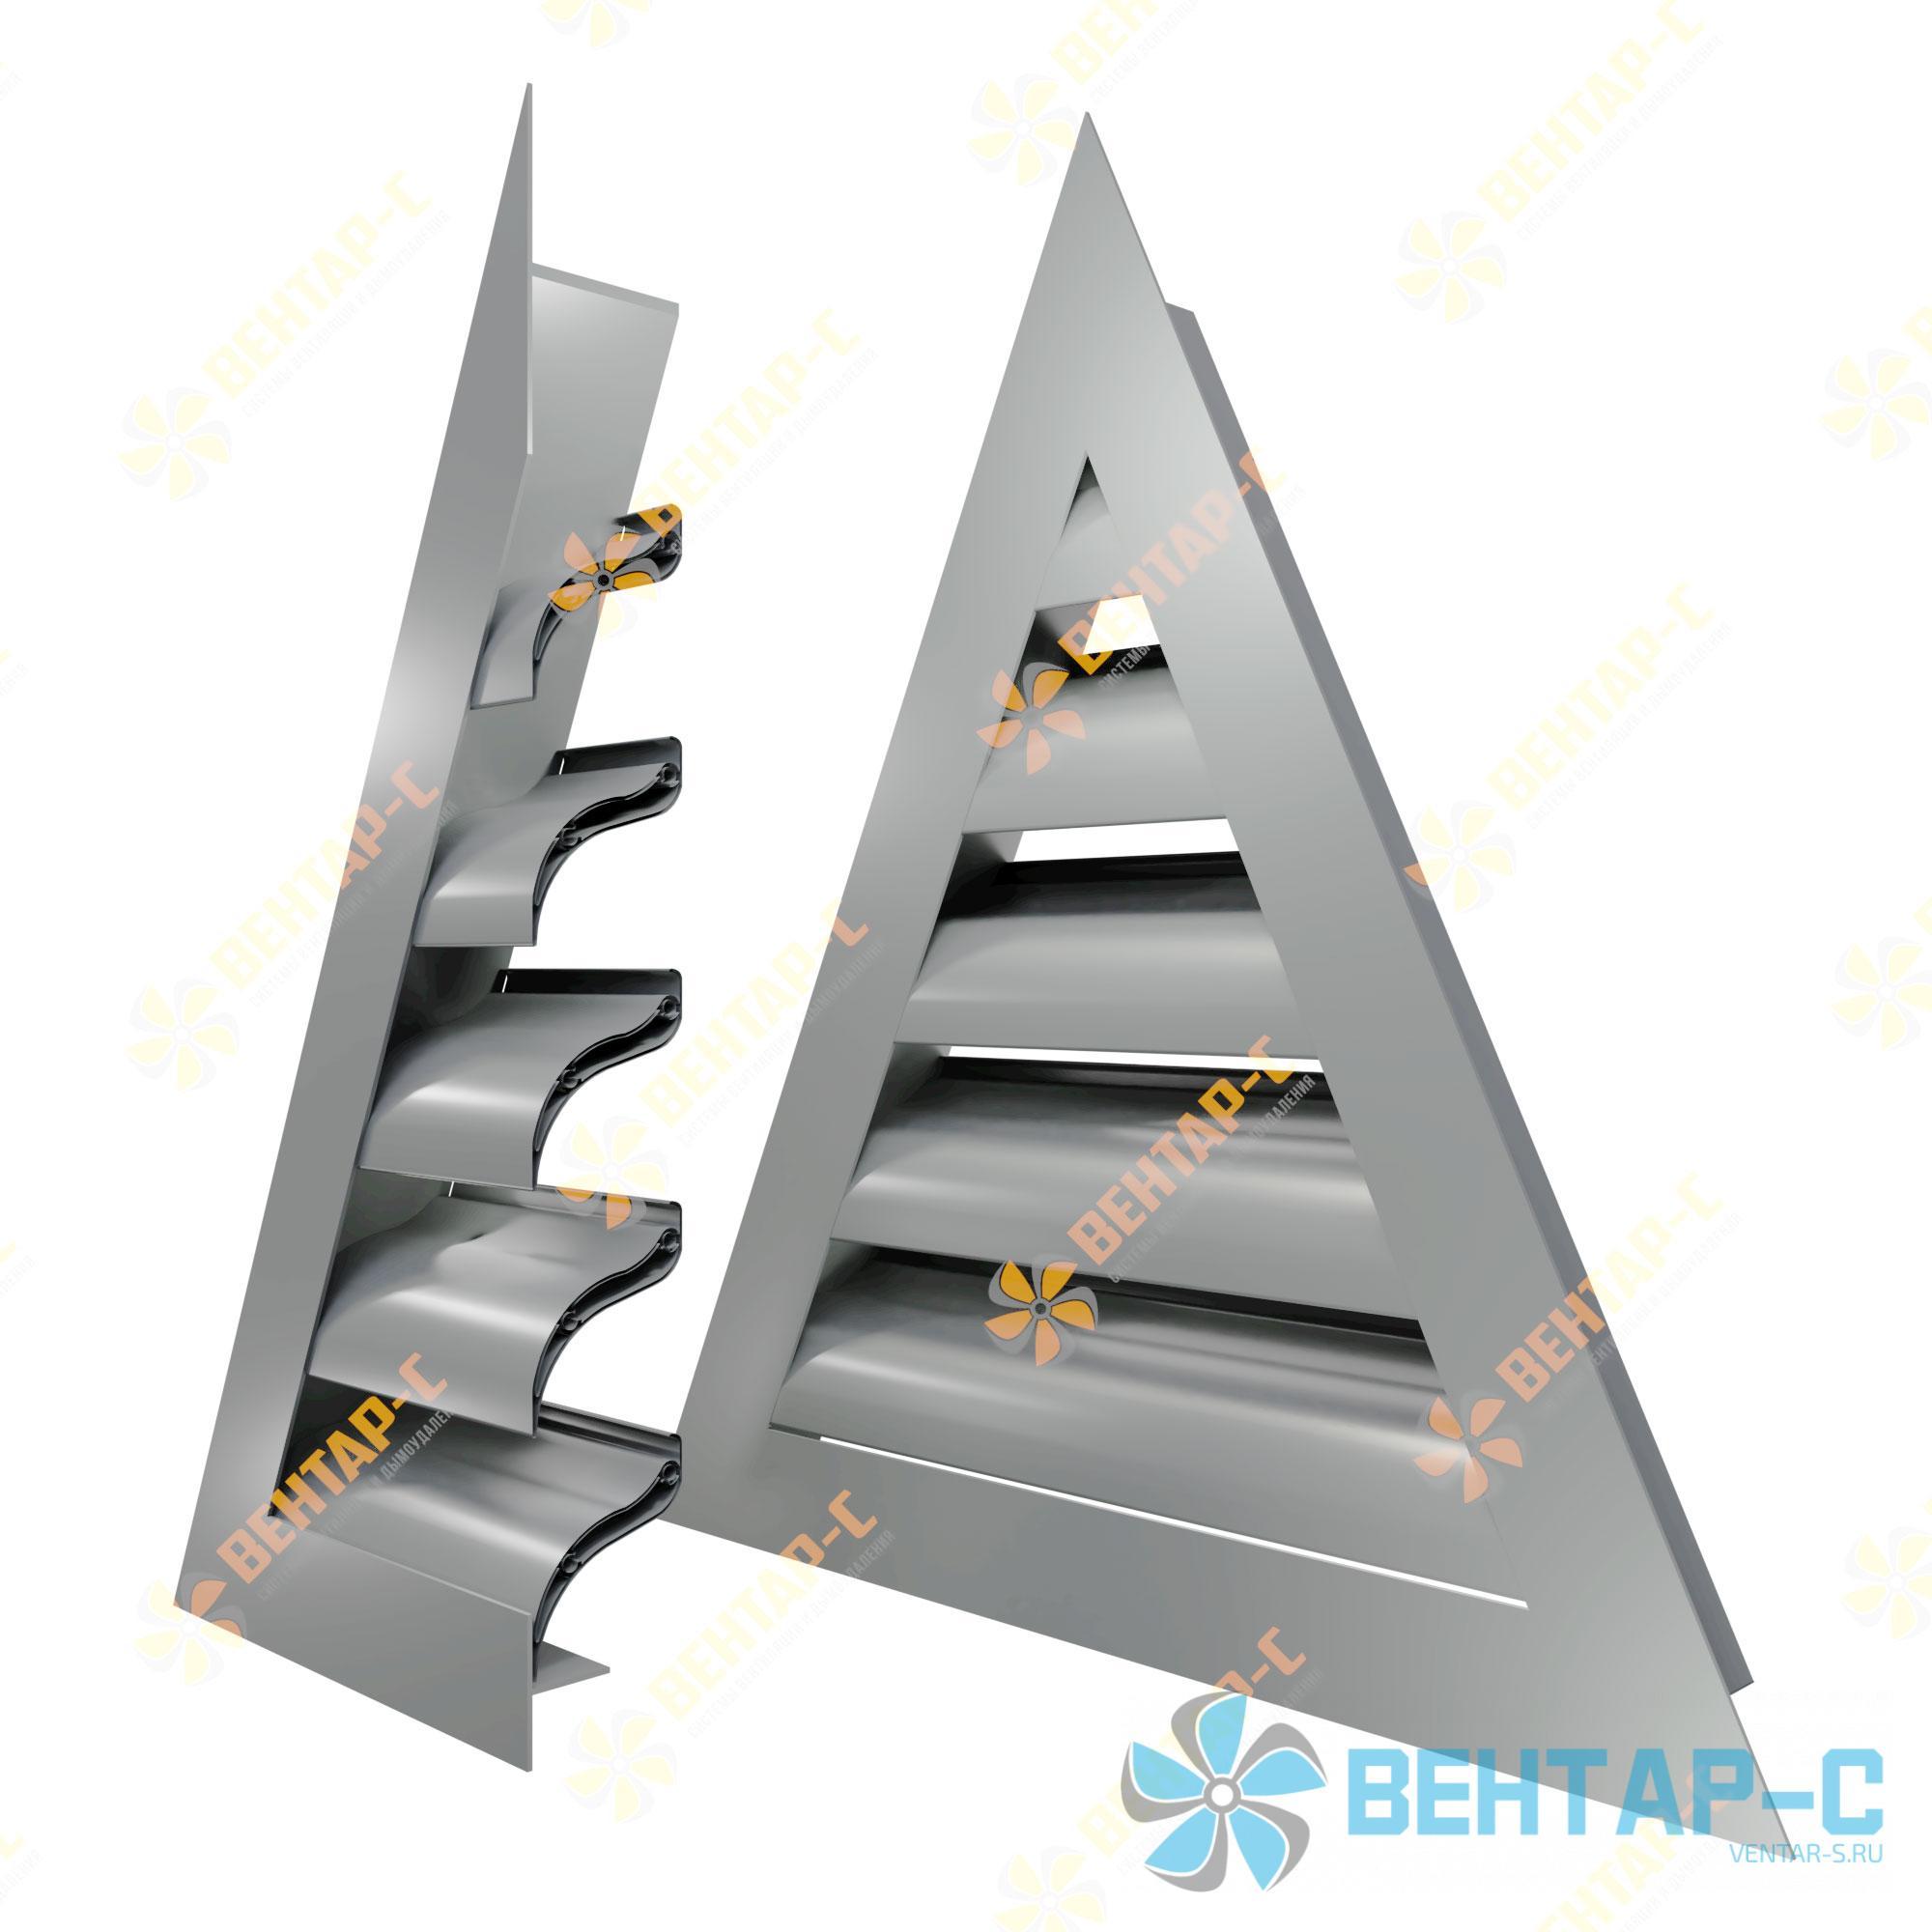 Наружная треугольная вентиляционная решетка ФВРСТ с S-образными жалюзи